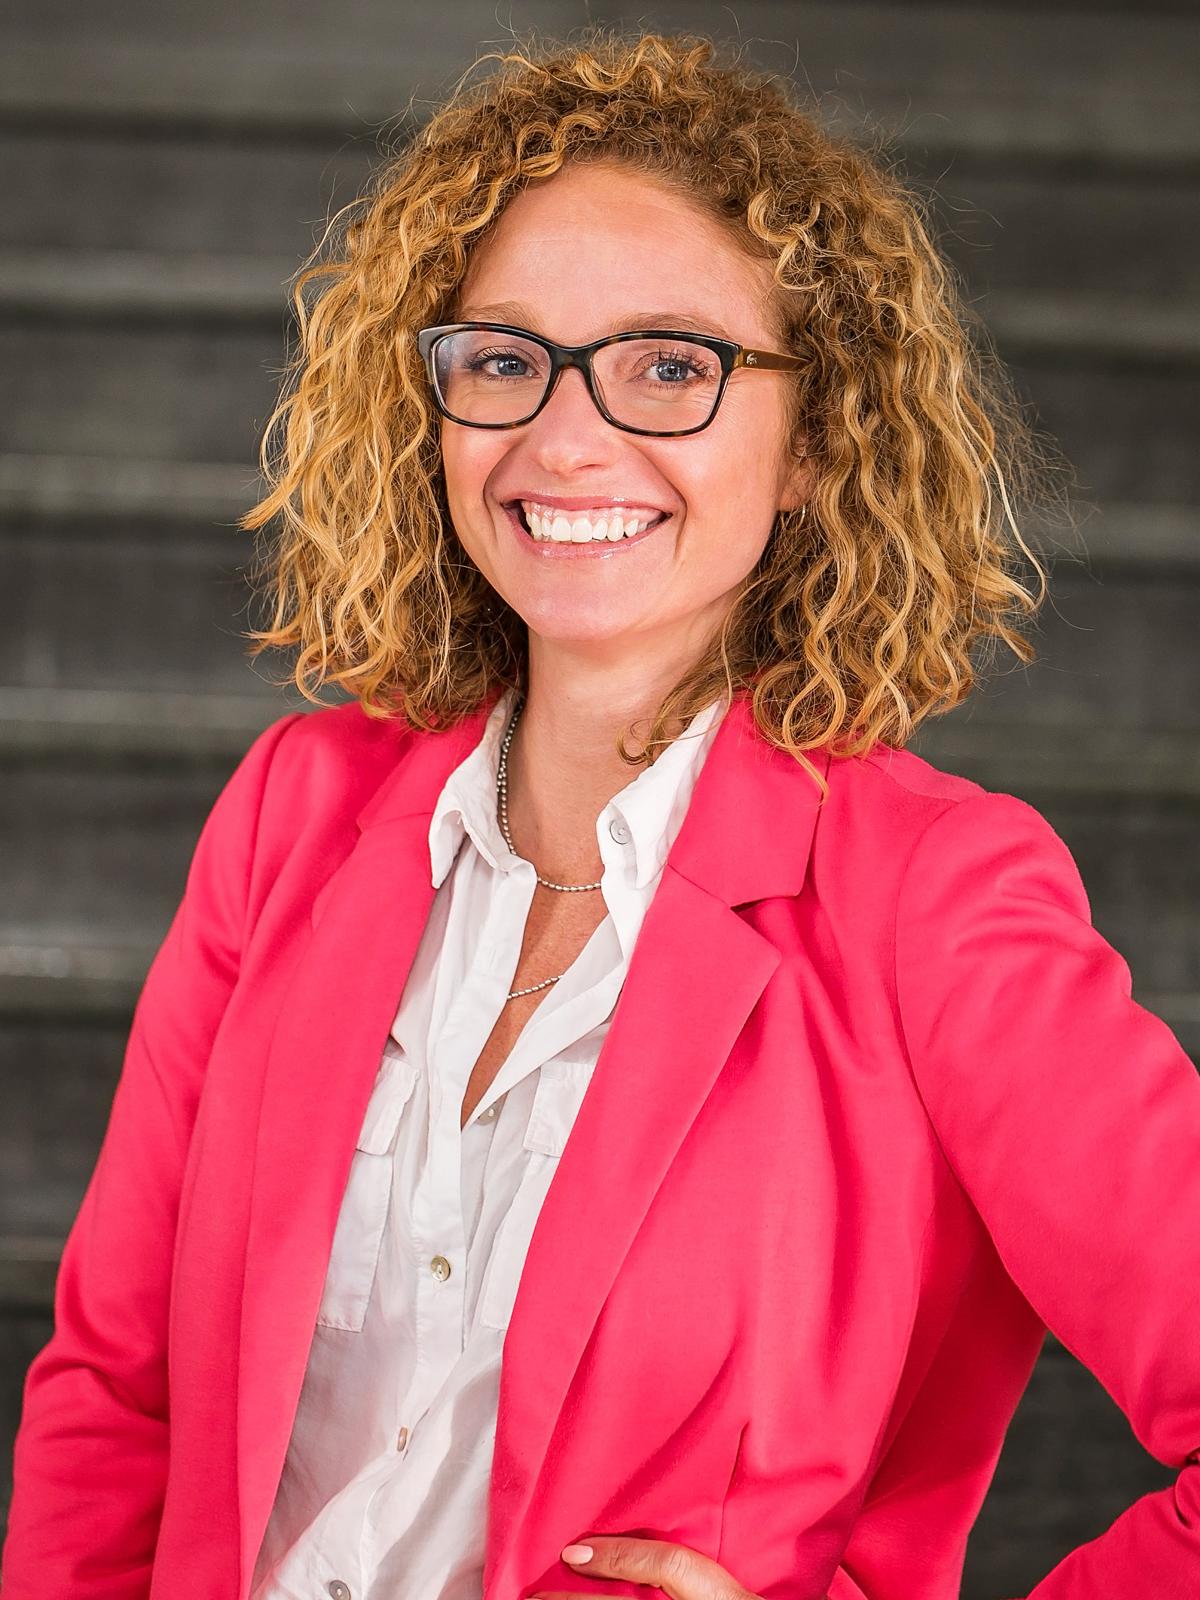 Natalie DeWitt